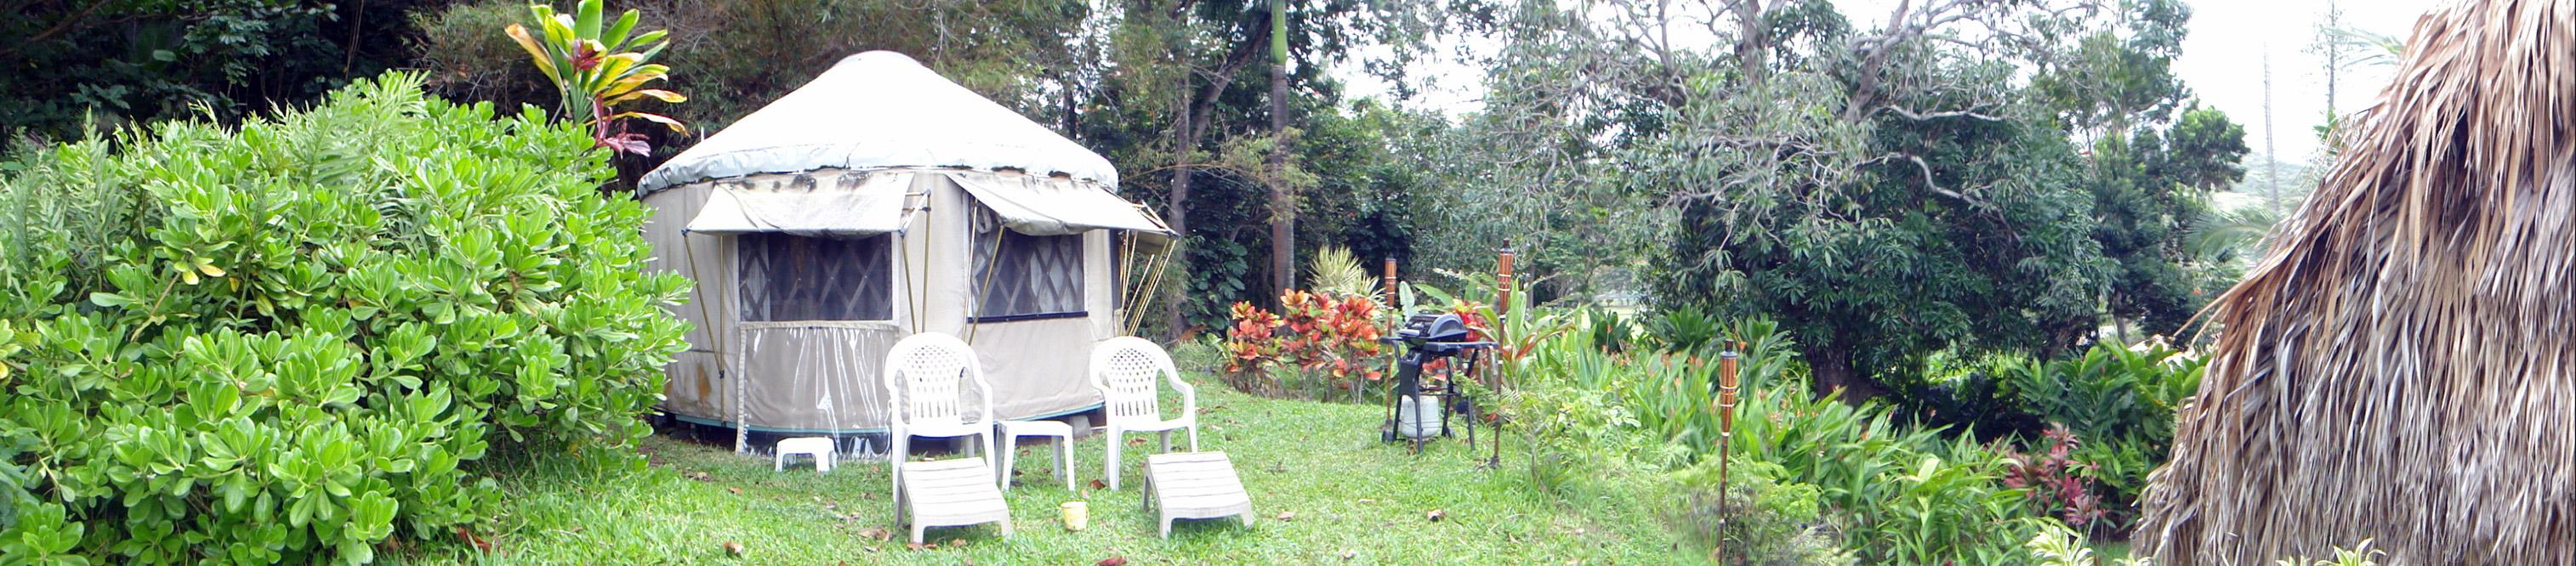 The Yurt in Hana